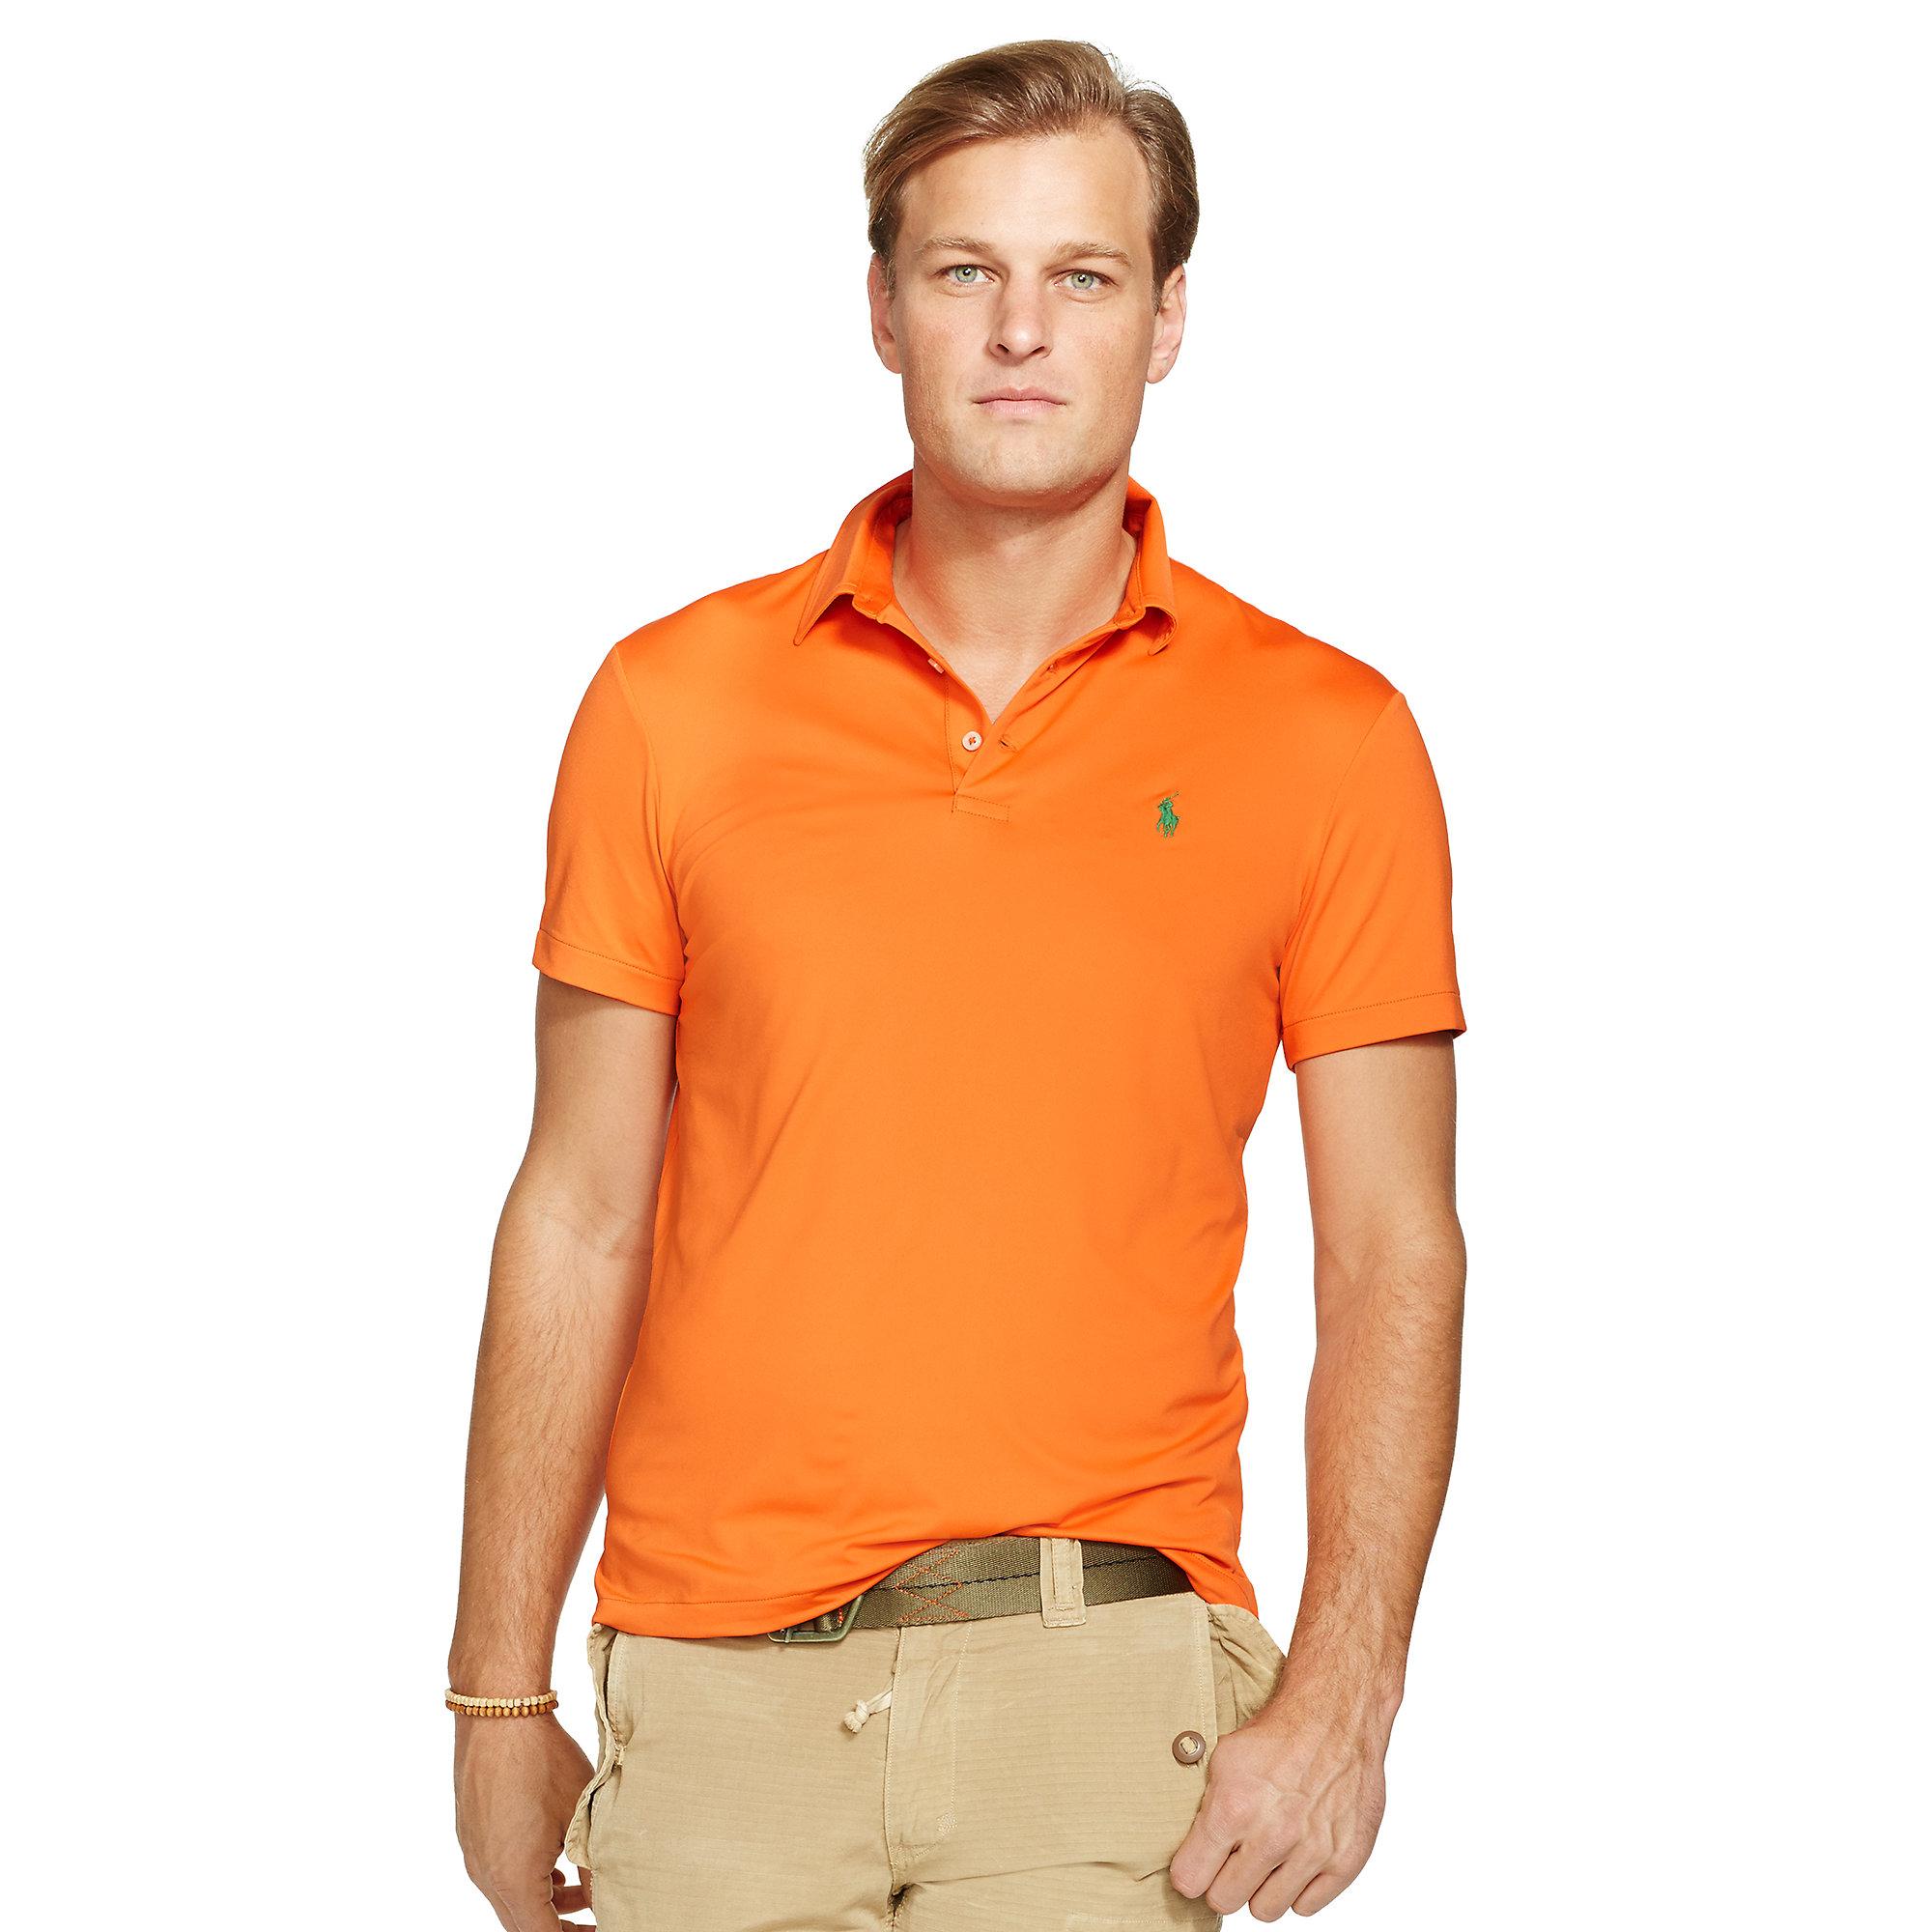 Ralph Lauren Performance Polo Shirt In Orange For Men Lyst